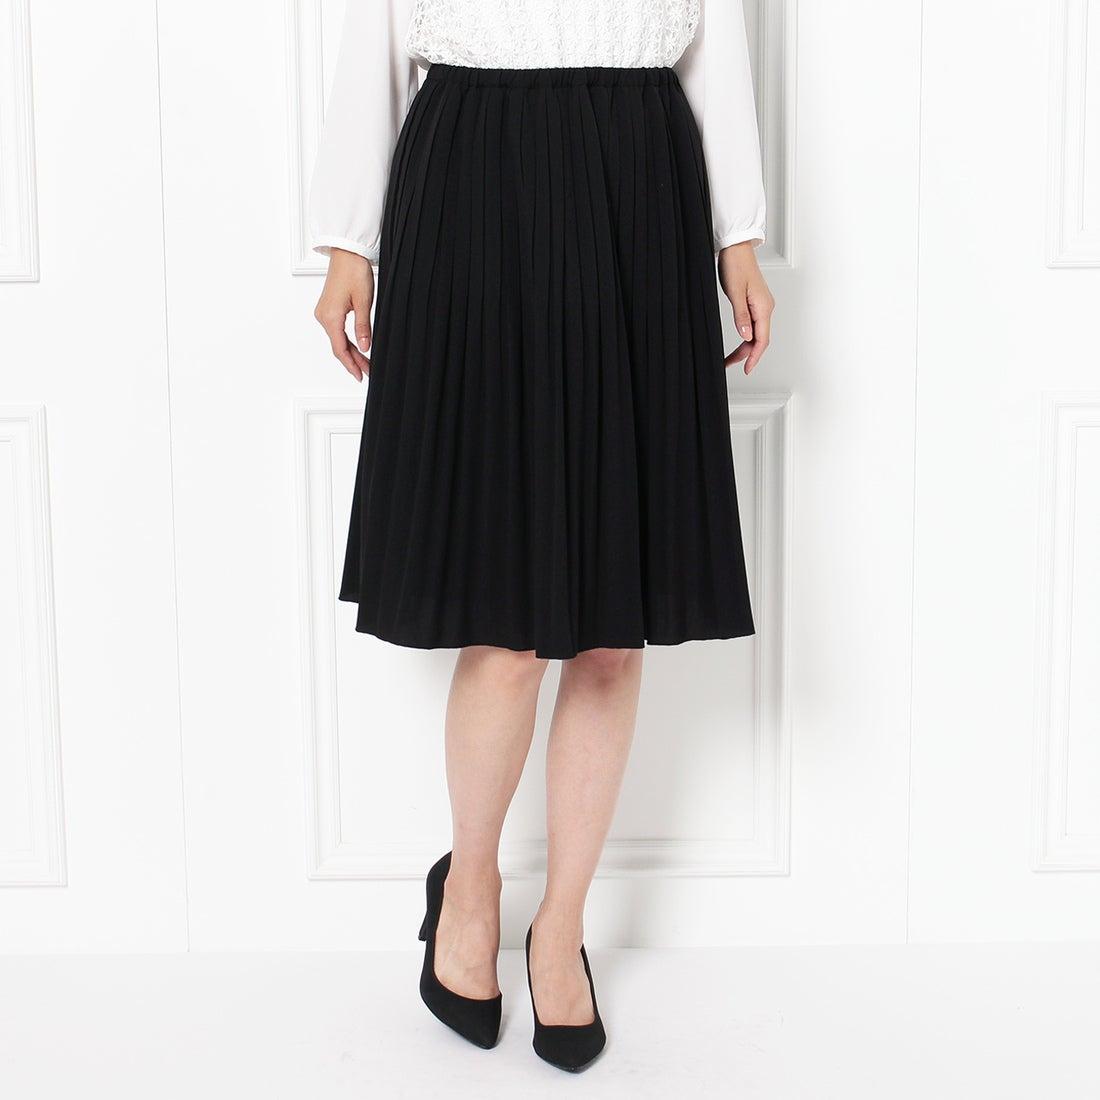 ロコンド 靴とファッションの通販サイトグローブgrove【オンライン限定先行販売】細プリーツスカート(ブラック)